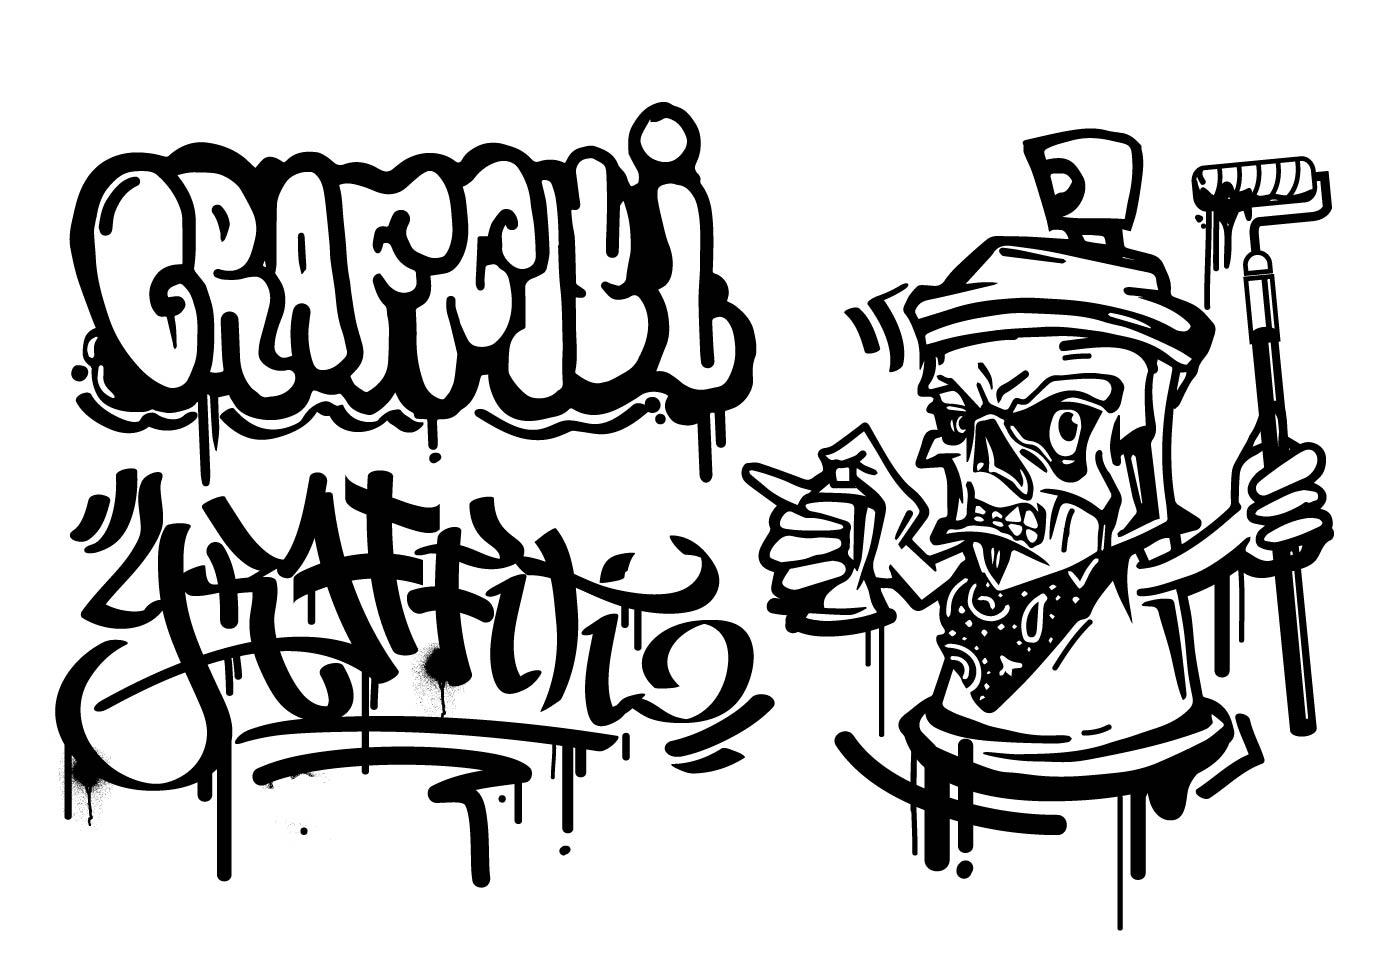 Graffiti Cartoon Character